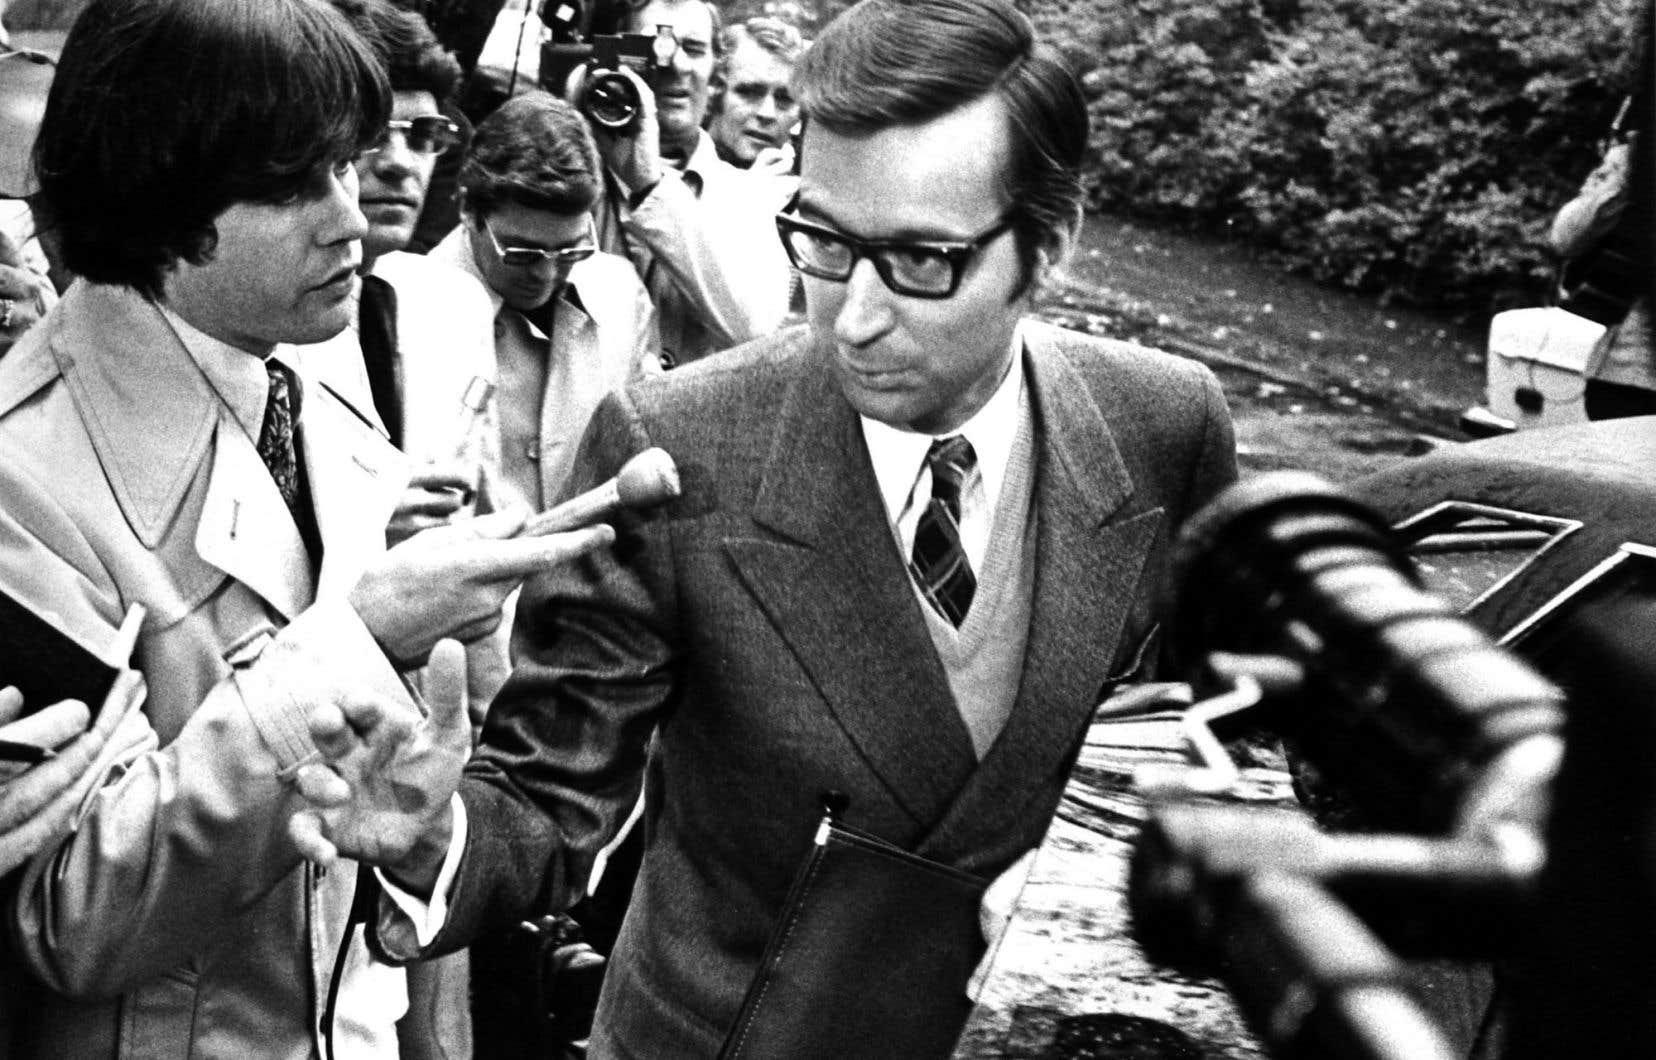 Lors des élections de 1973, le découpage de la carte électorale favorisé par Robert Bourassa a produit les plus fortes distorsions de l'histoire du Québec.